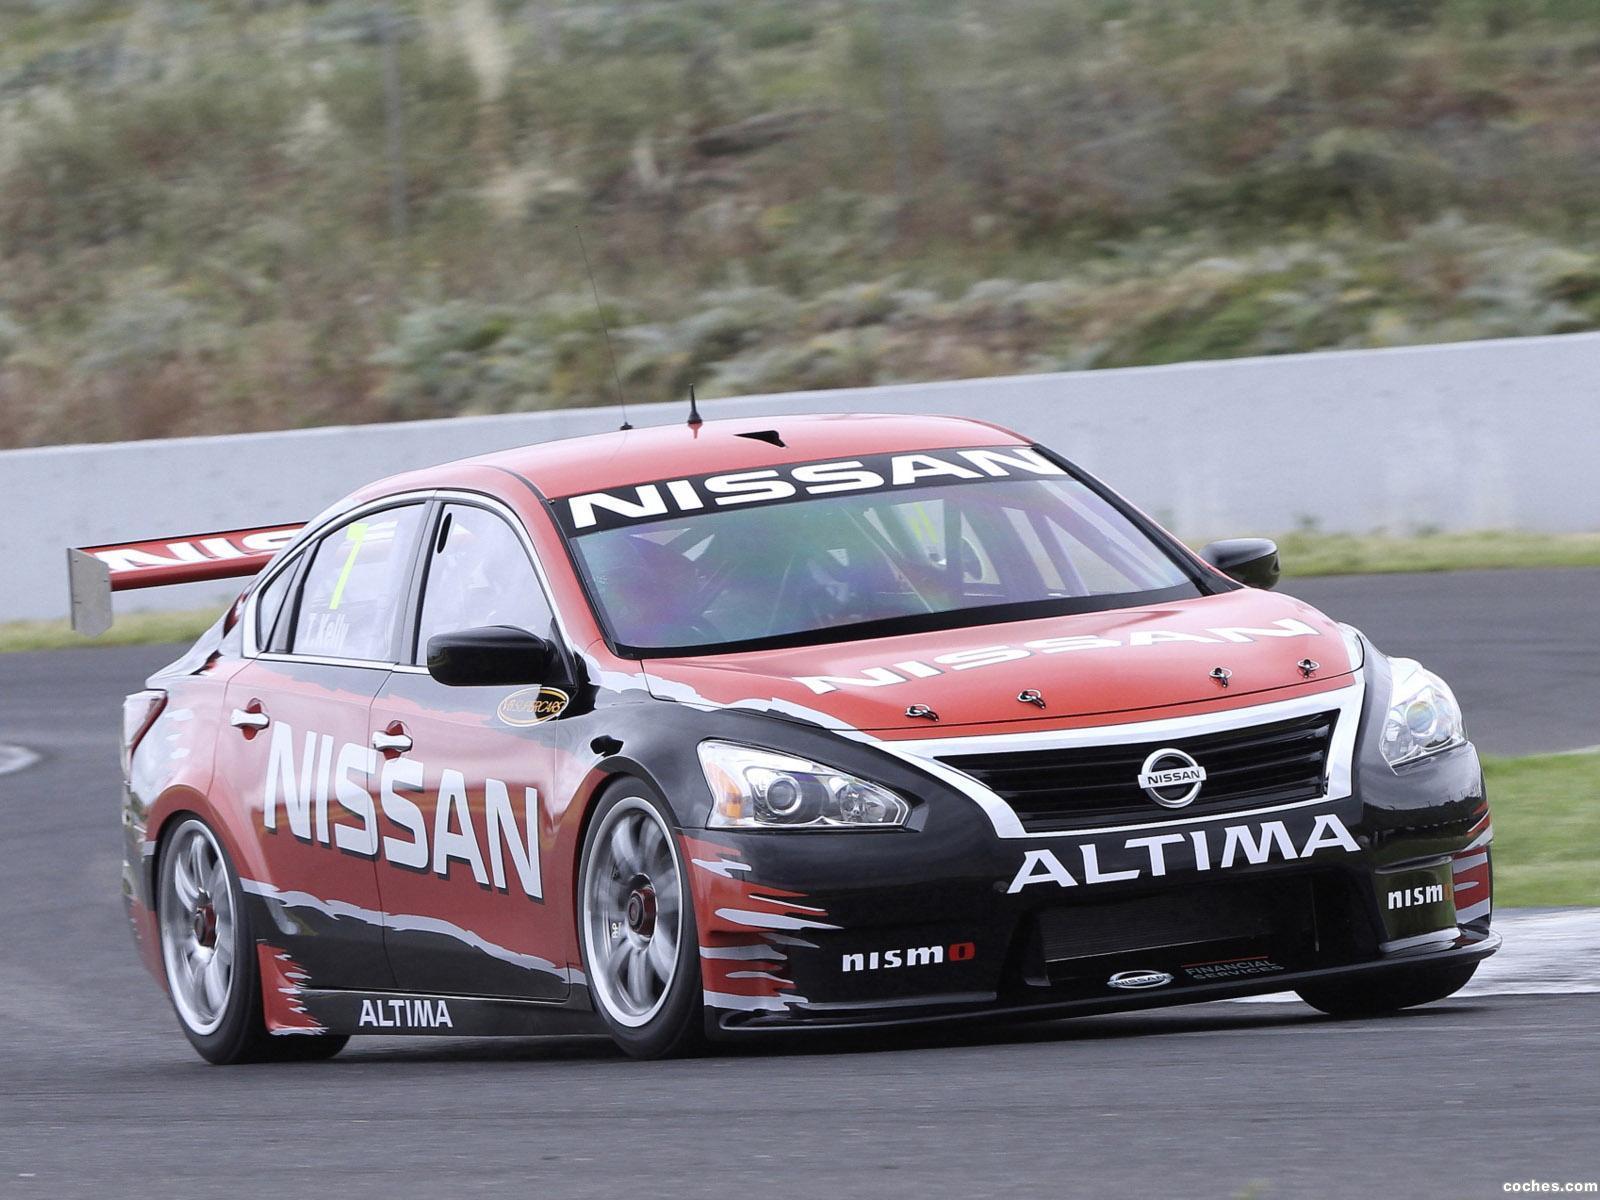 Foto 2 de Nissan Altima V8 Supercar 2012